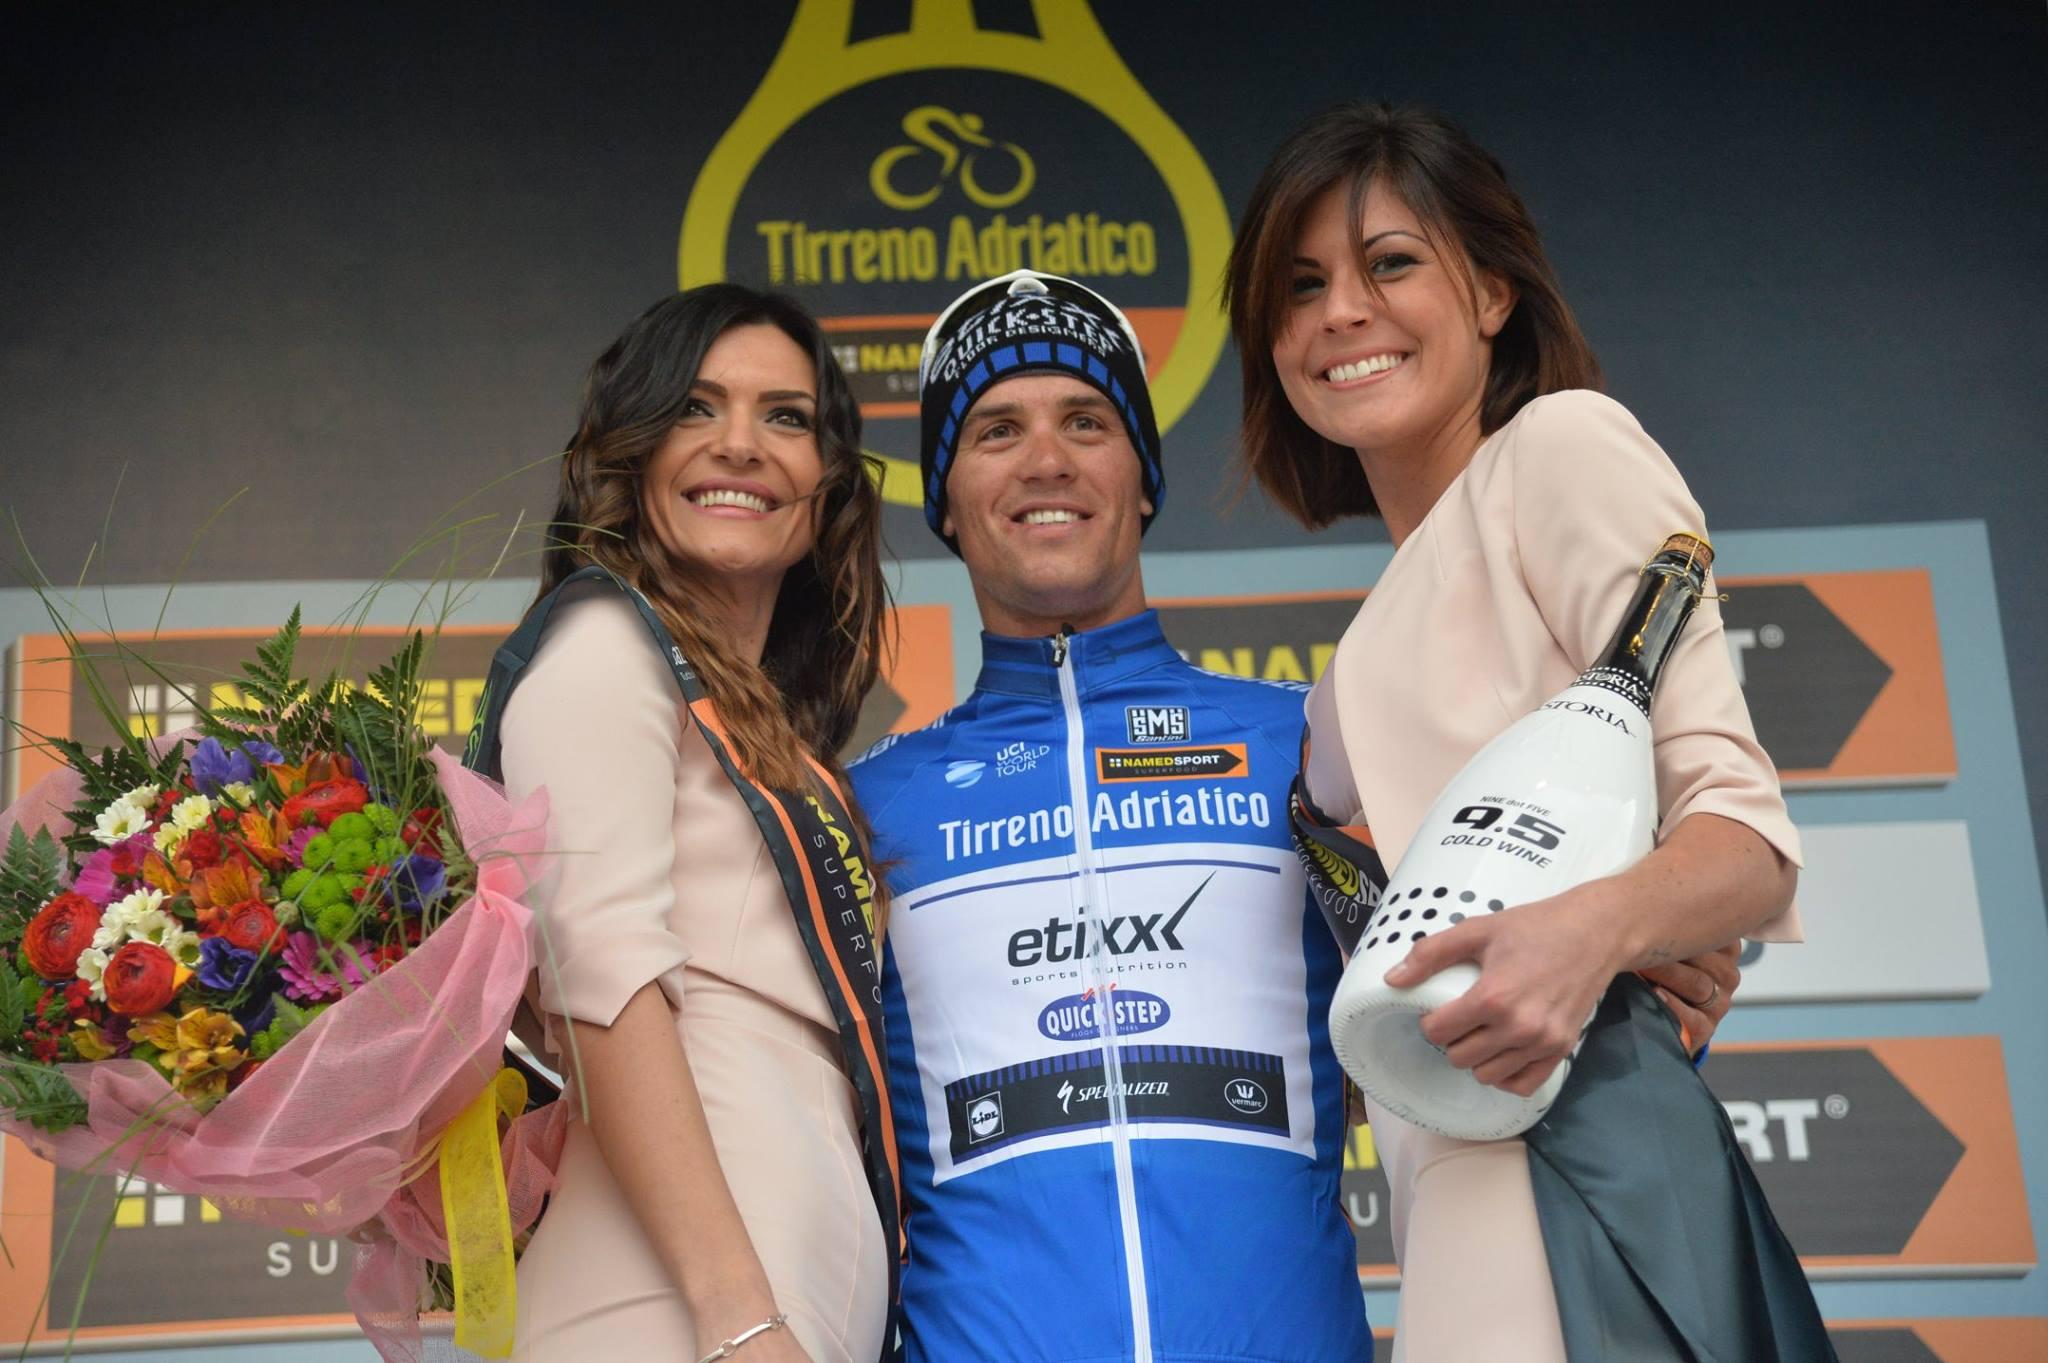 Zdenek Stybar sul podio della 2^ tappa della Tirreno-Adriatico